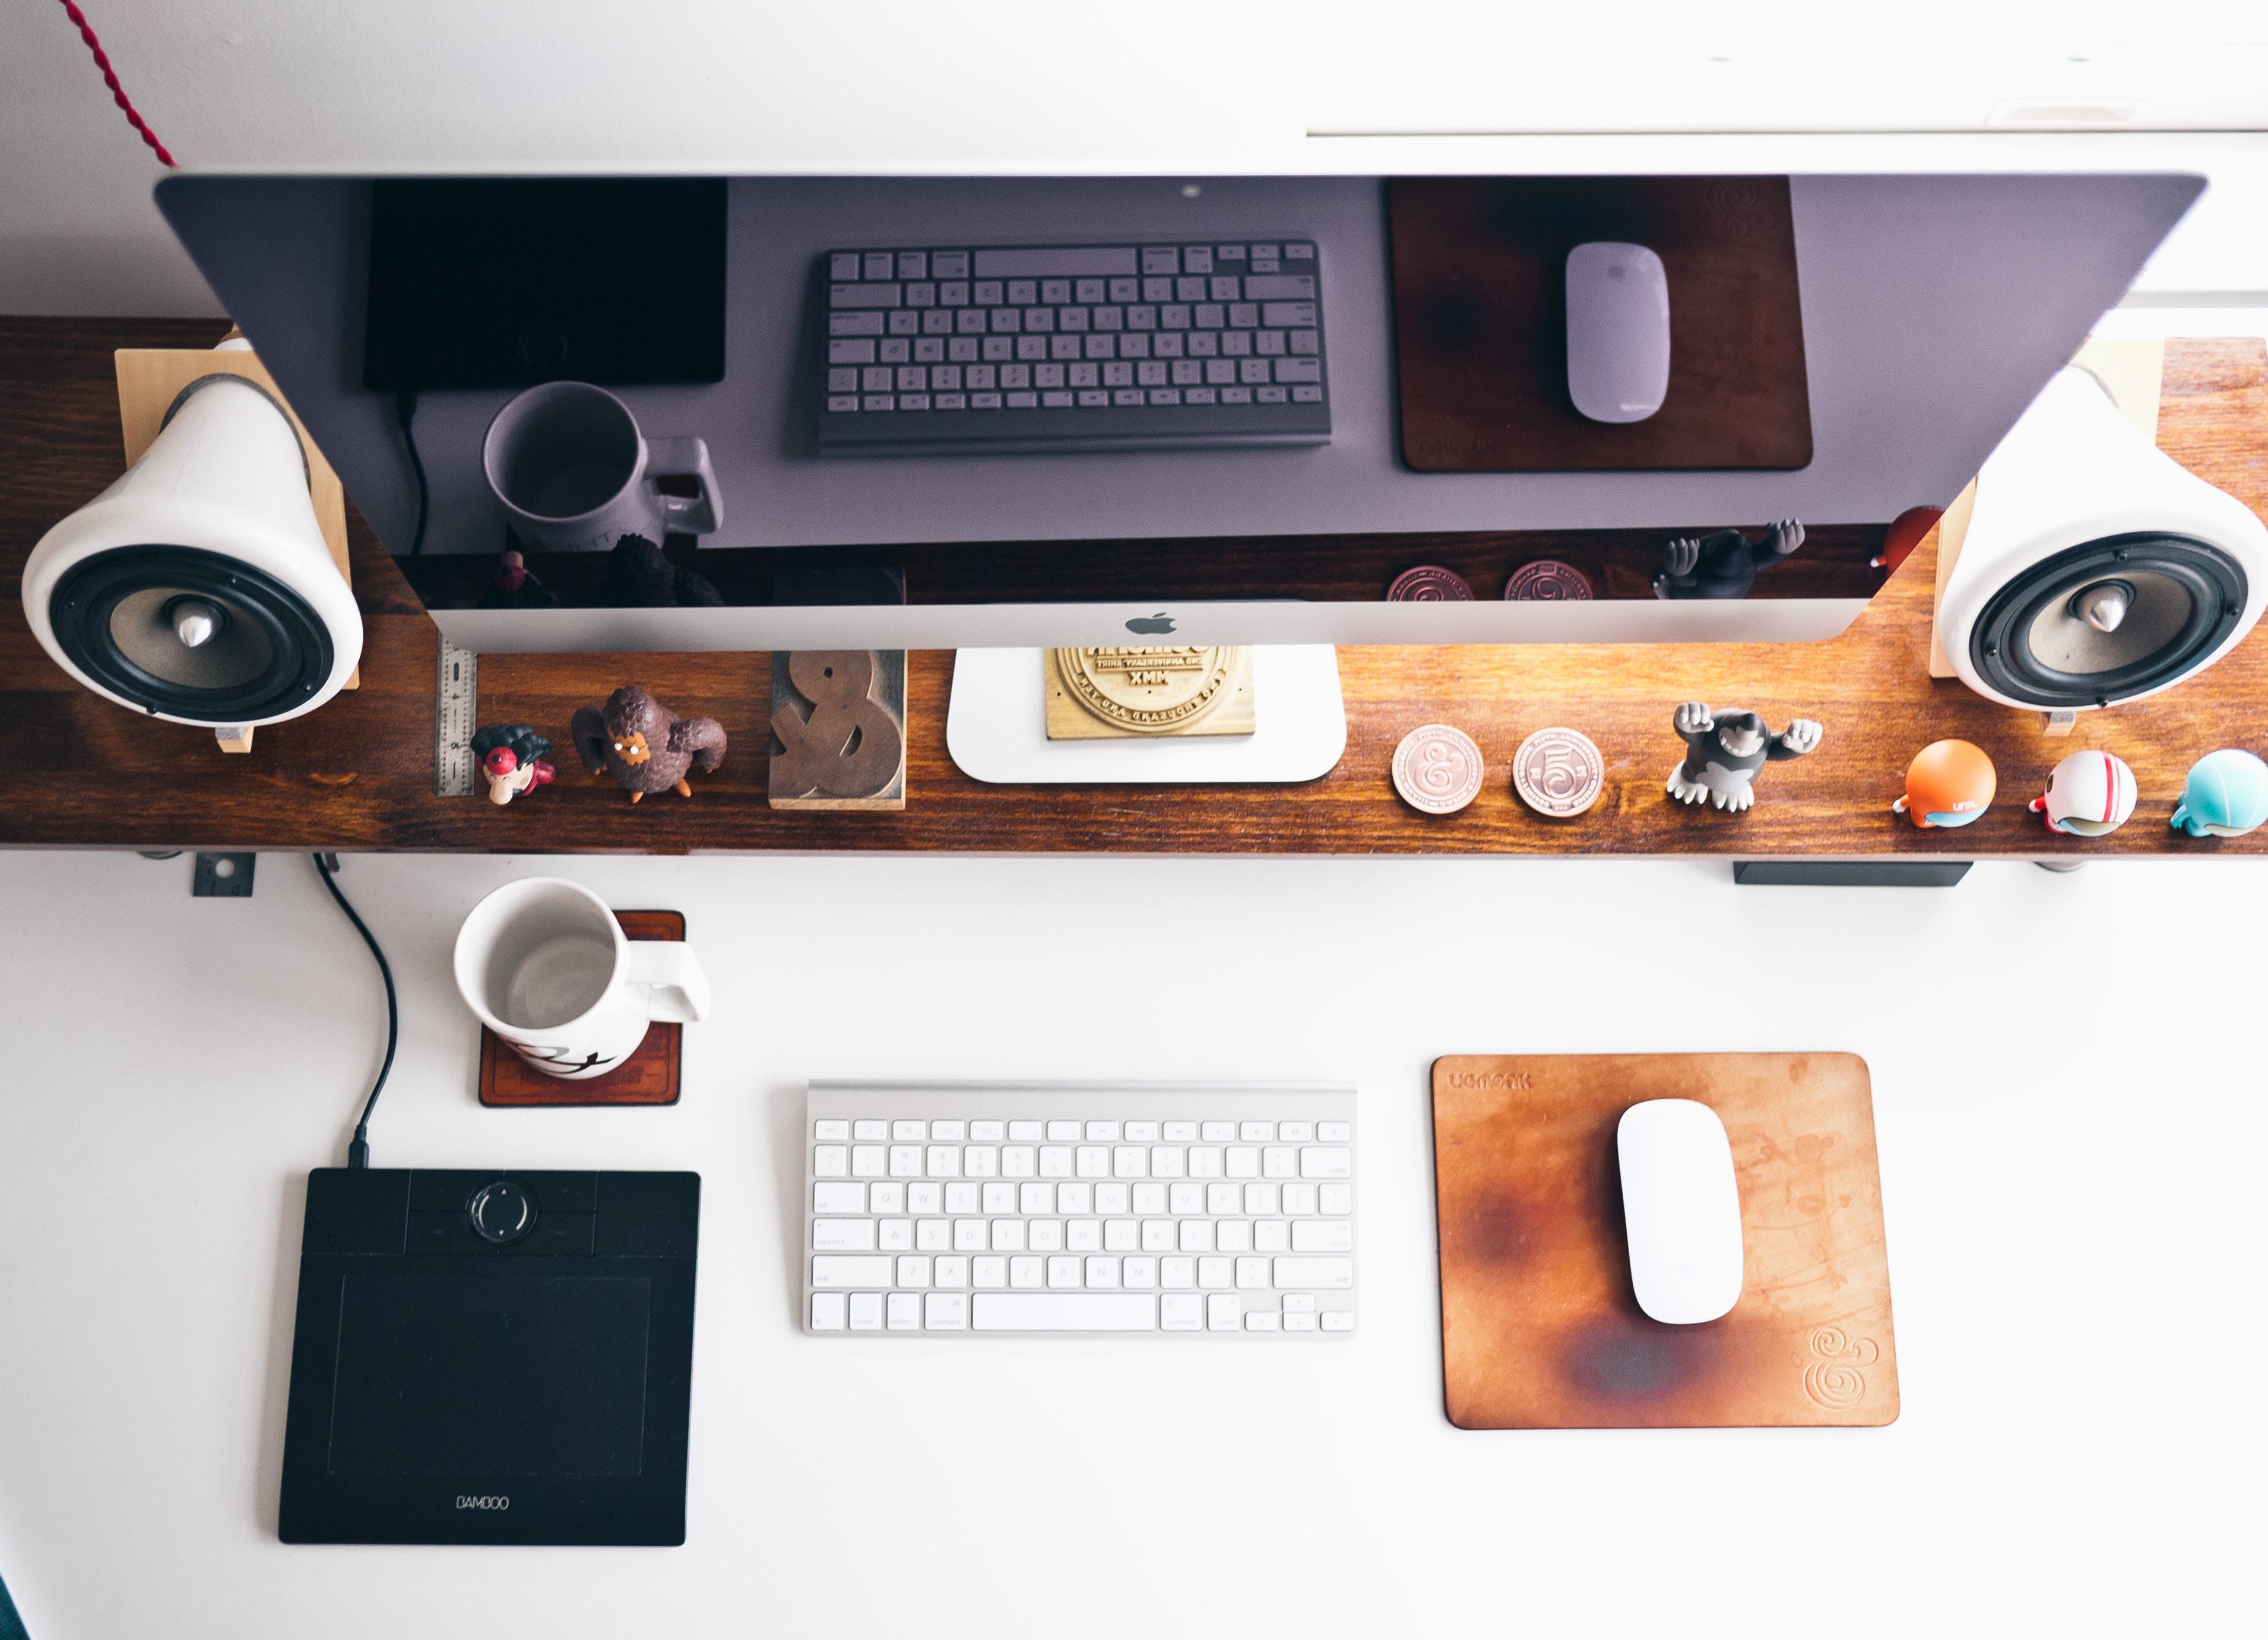 PC sestava Mac na pracovním stole